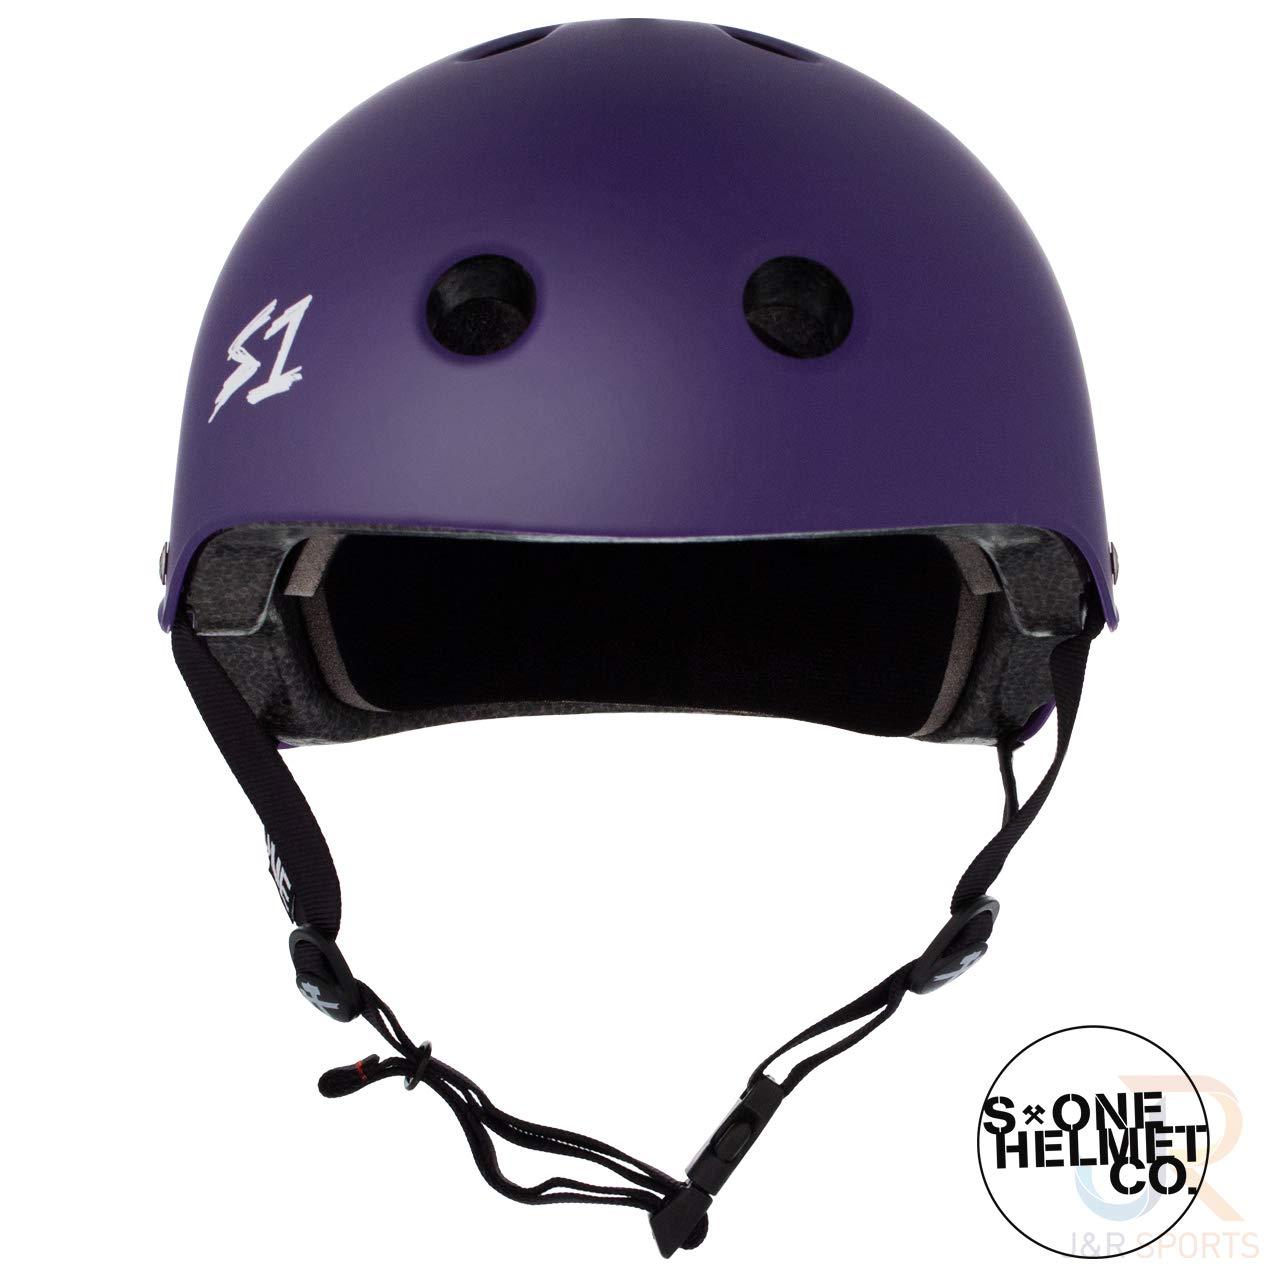 Matt Purple S1 Lifer Helmet